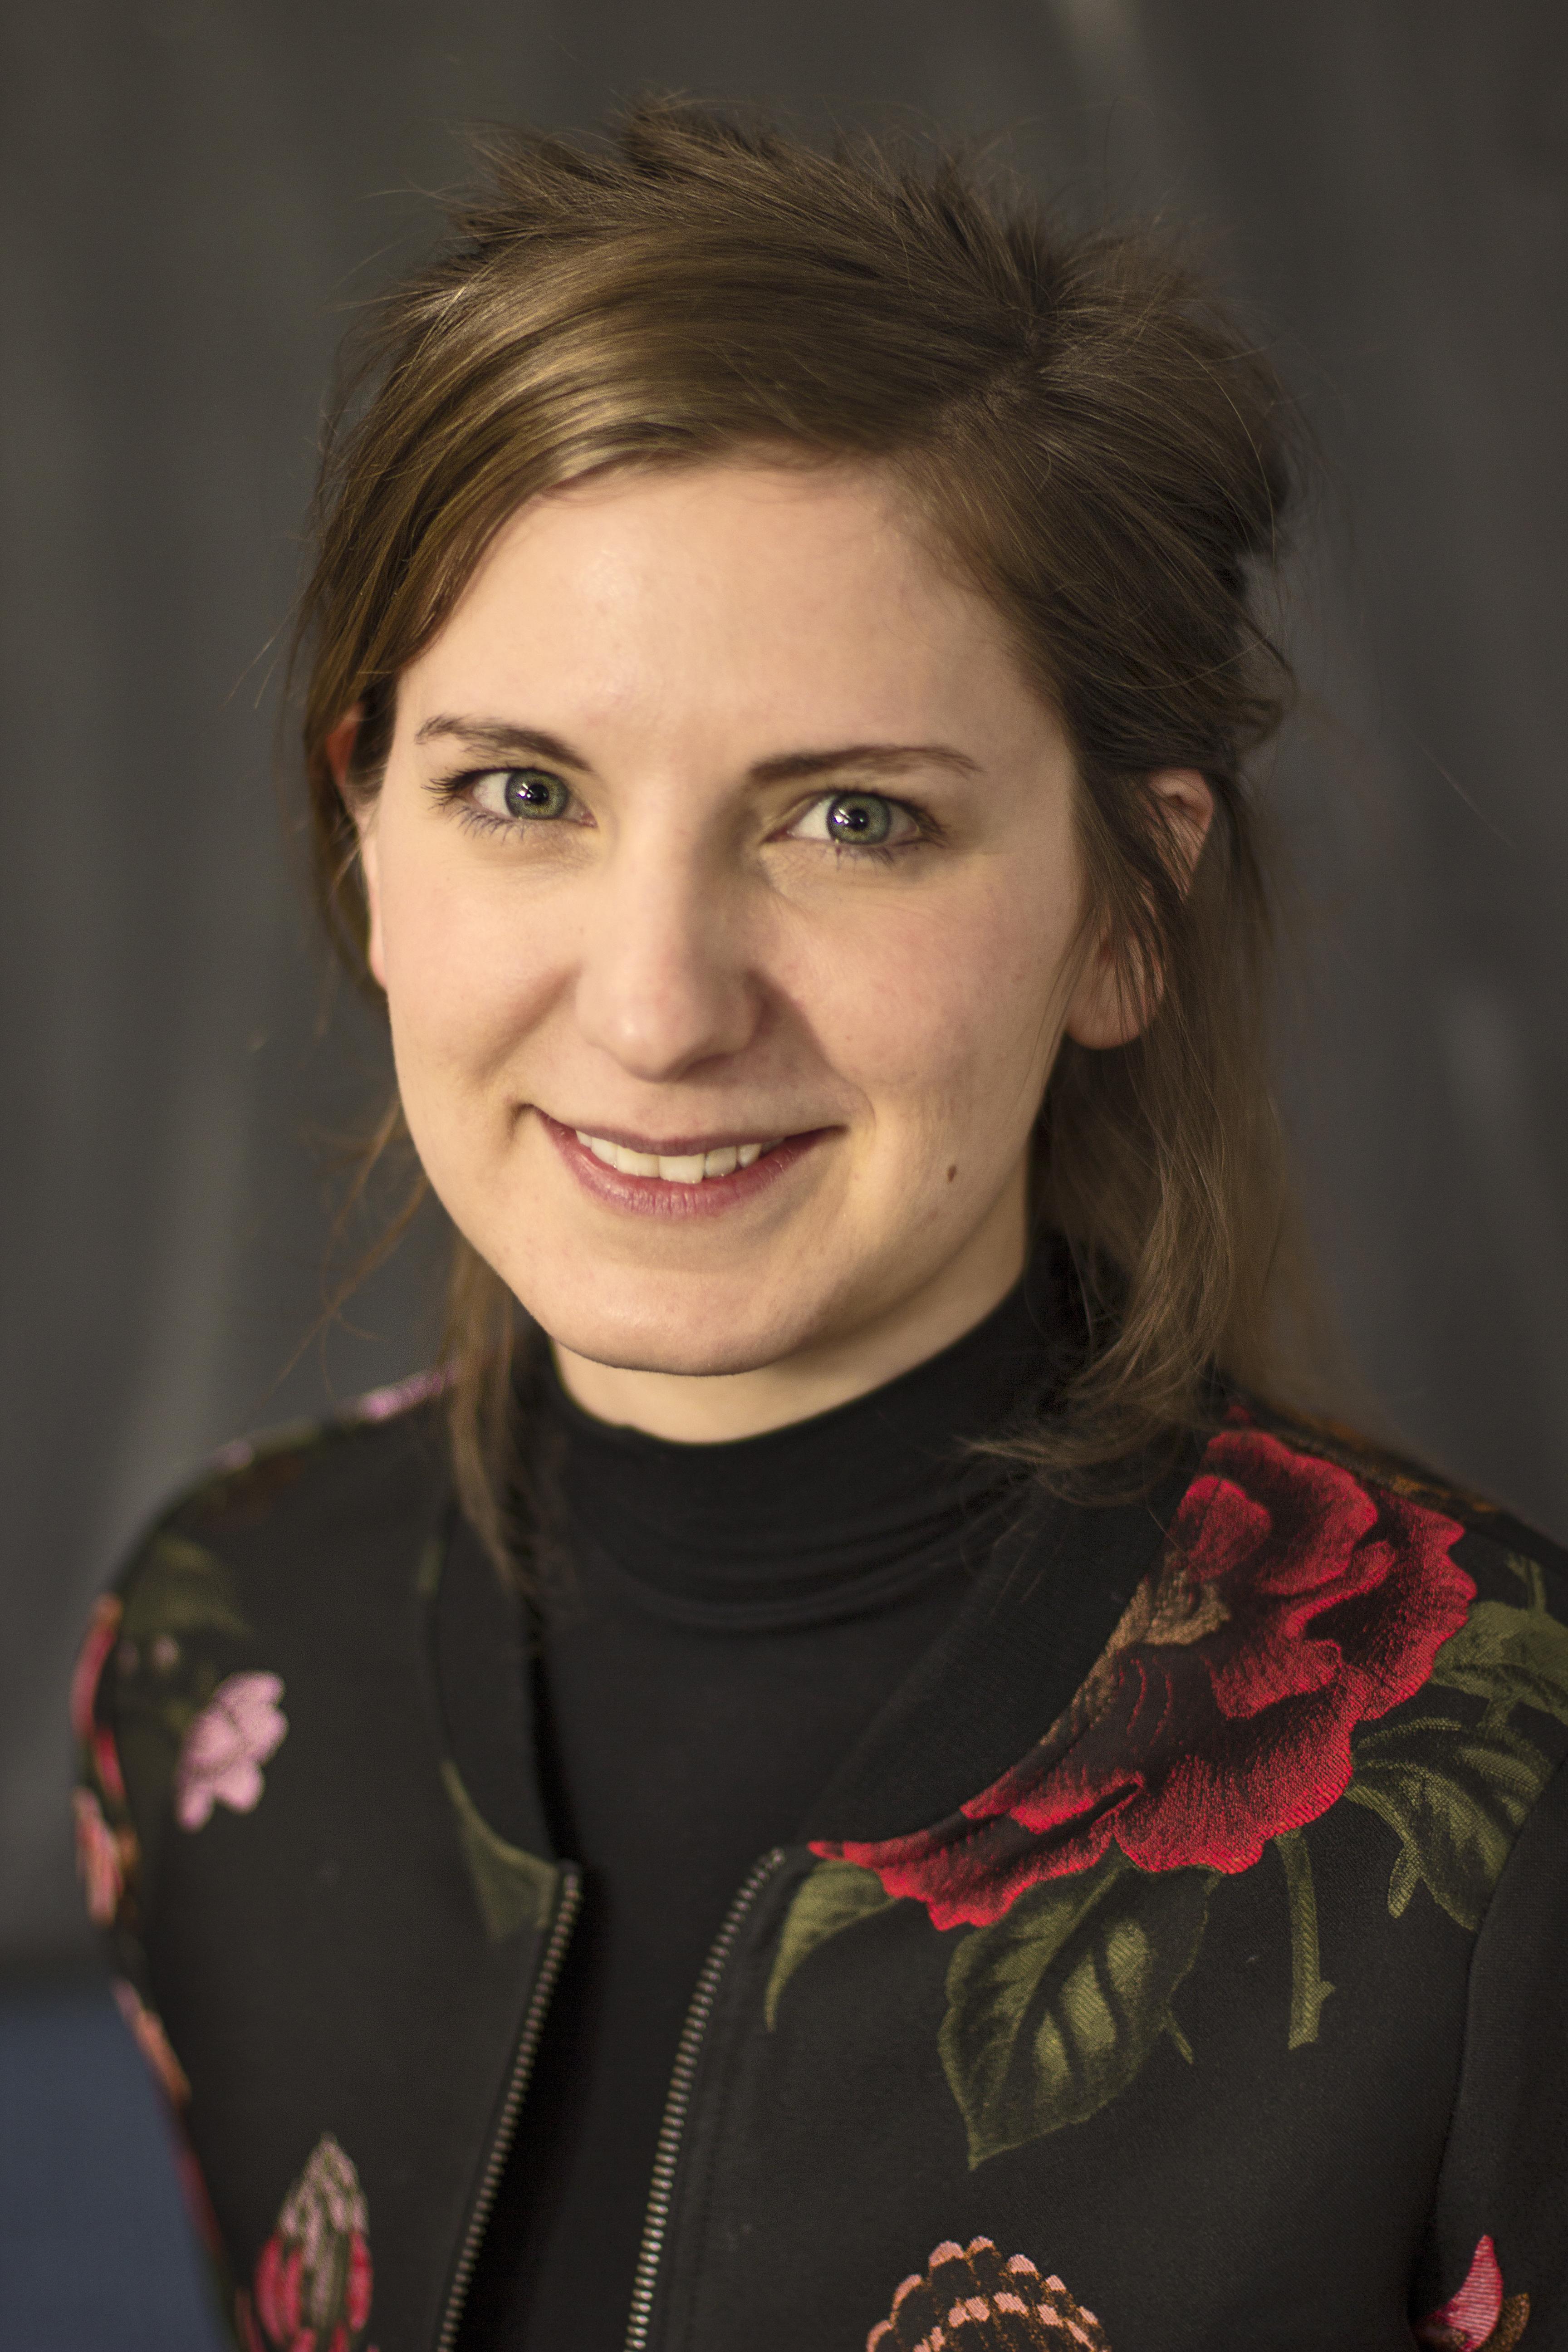 Maria Rejkjær